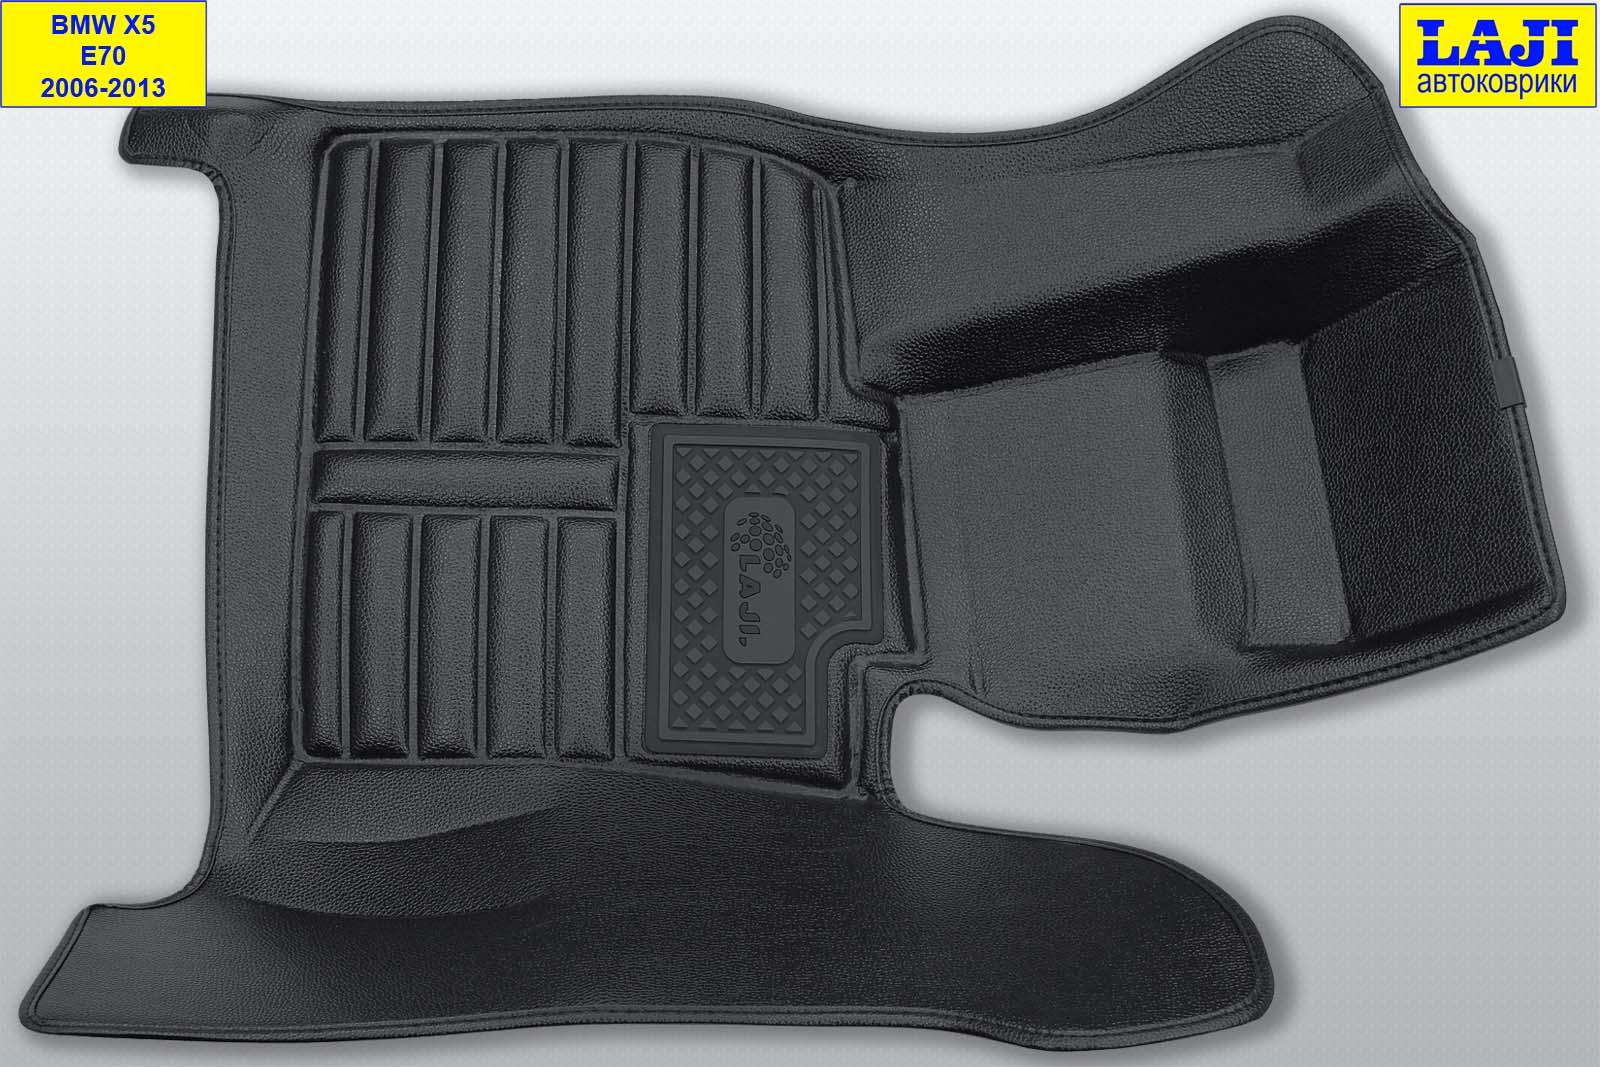 5D коврики в салон BMW X5 (E70) 2006-2013 2